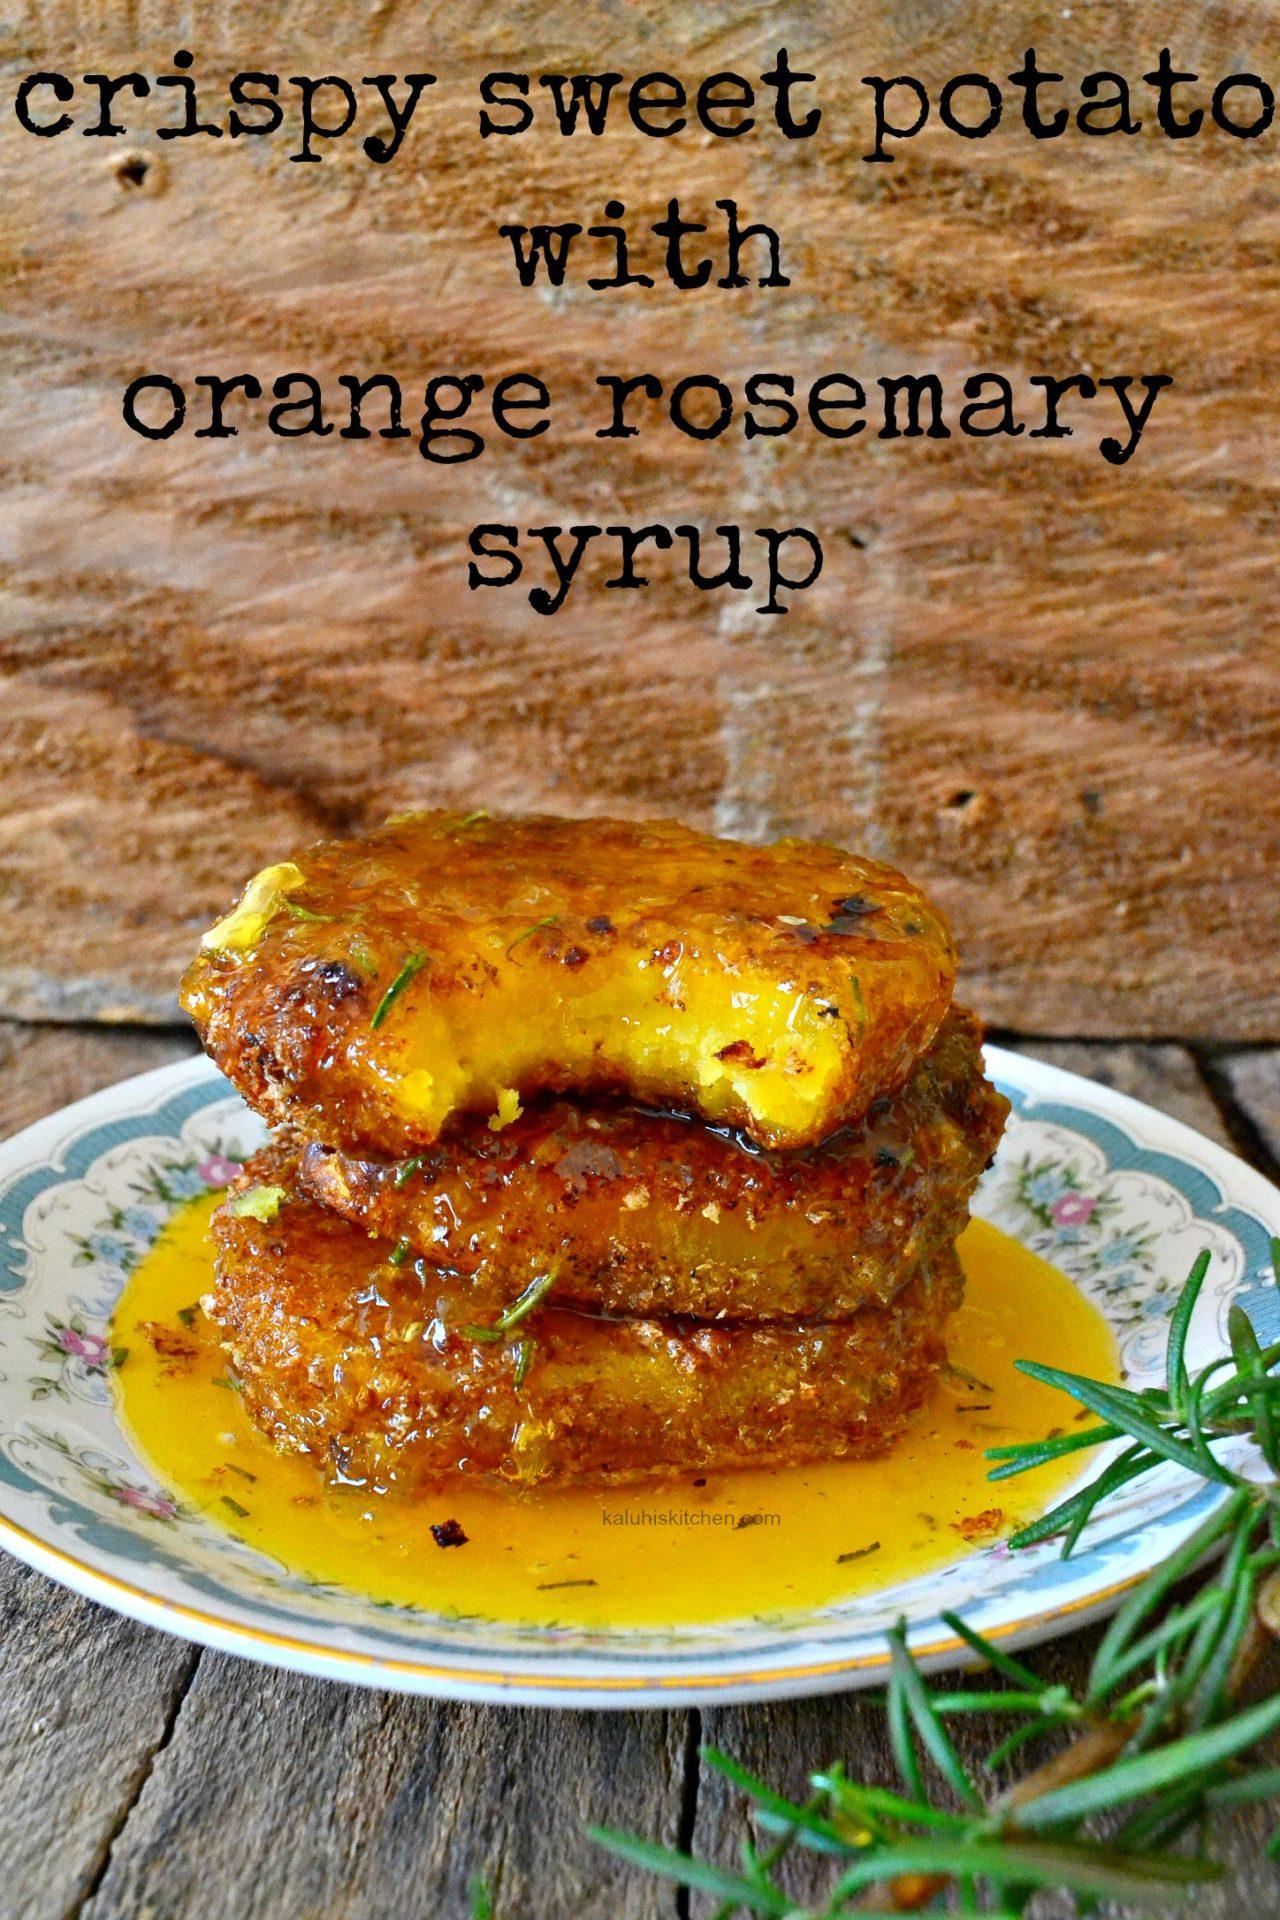 best kenyan food blogs_kaluhiskitchen.com_crispy sweet potato with orange rosemary syrup_kaluhiskitchen.com